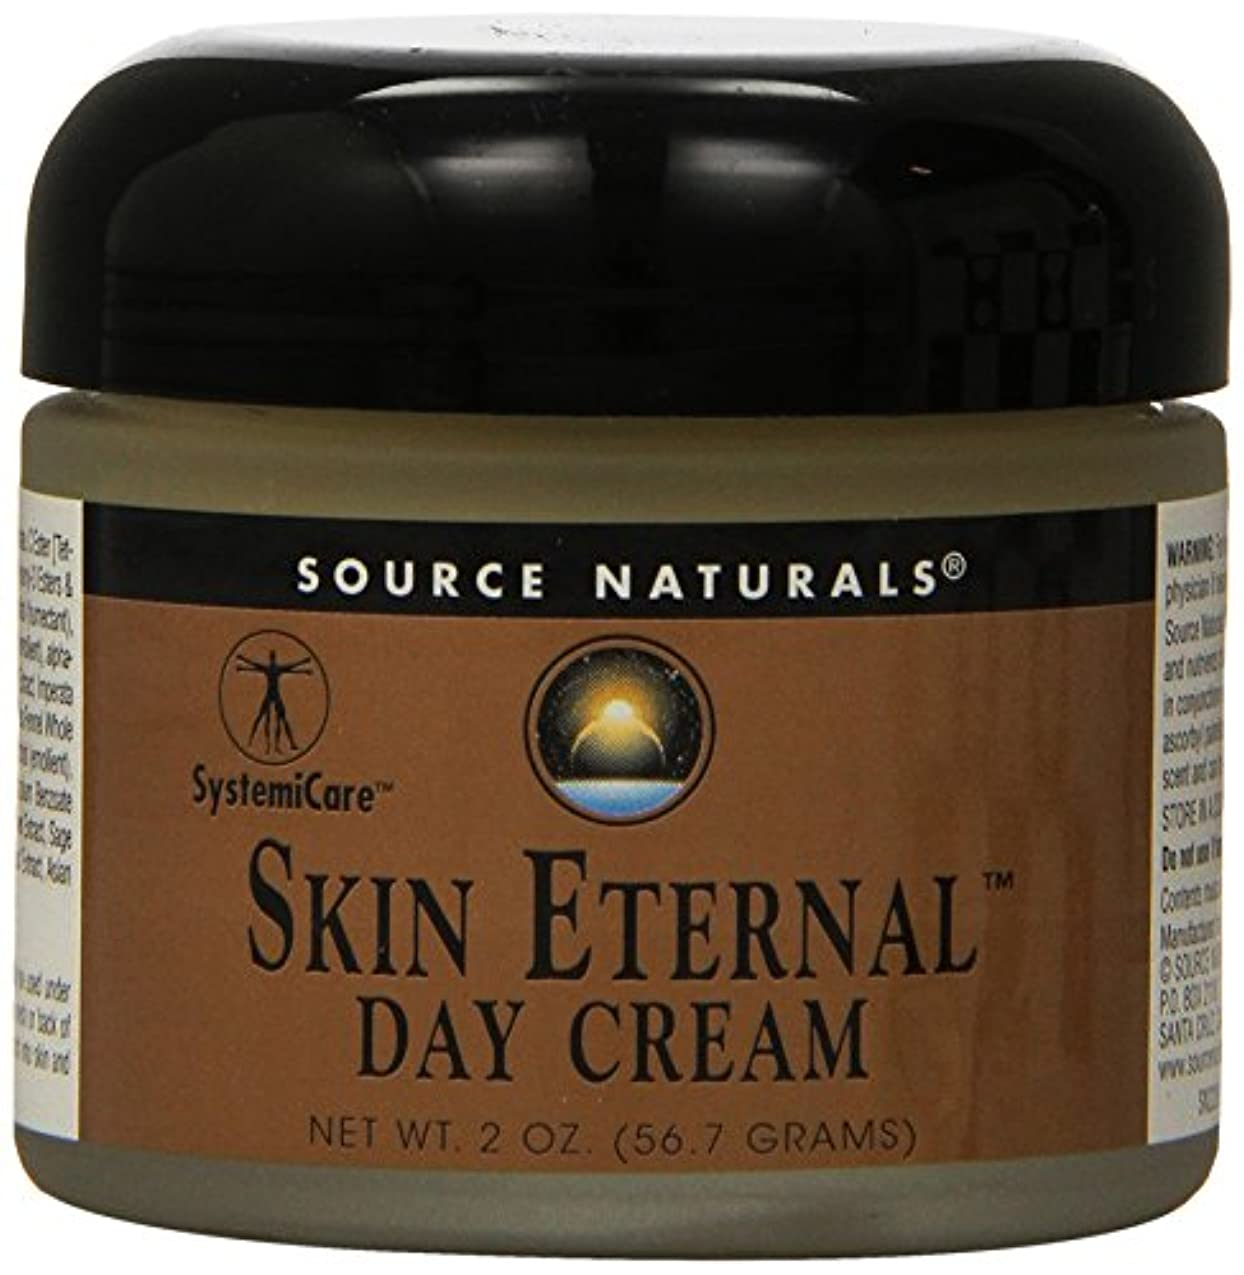 除外するさわやか材料海外直送品 Source Naturals Skin Eternal Day Cream, 2 OZ